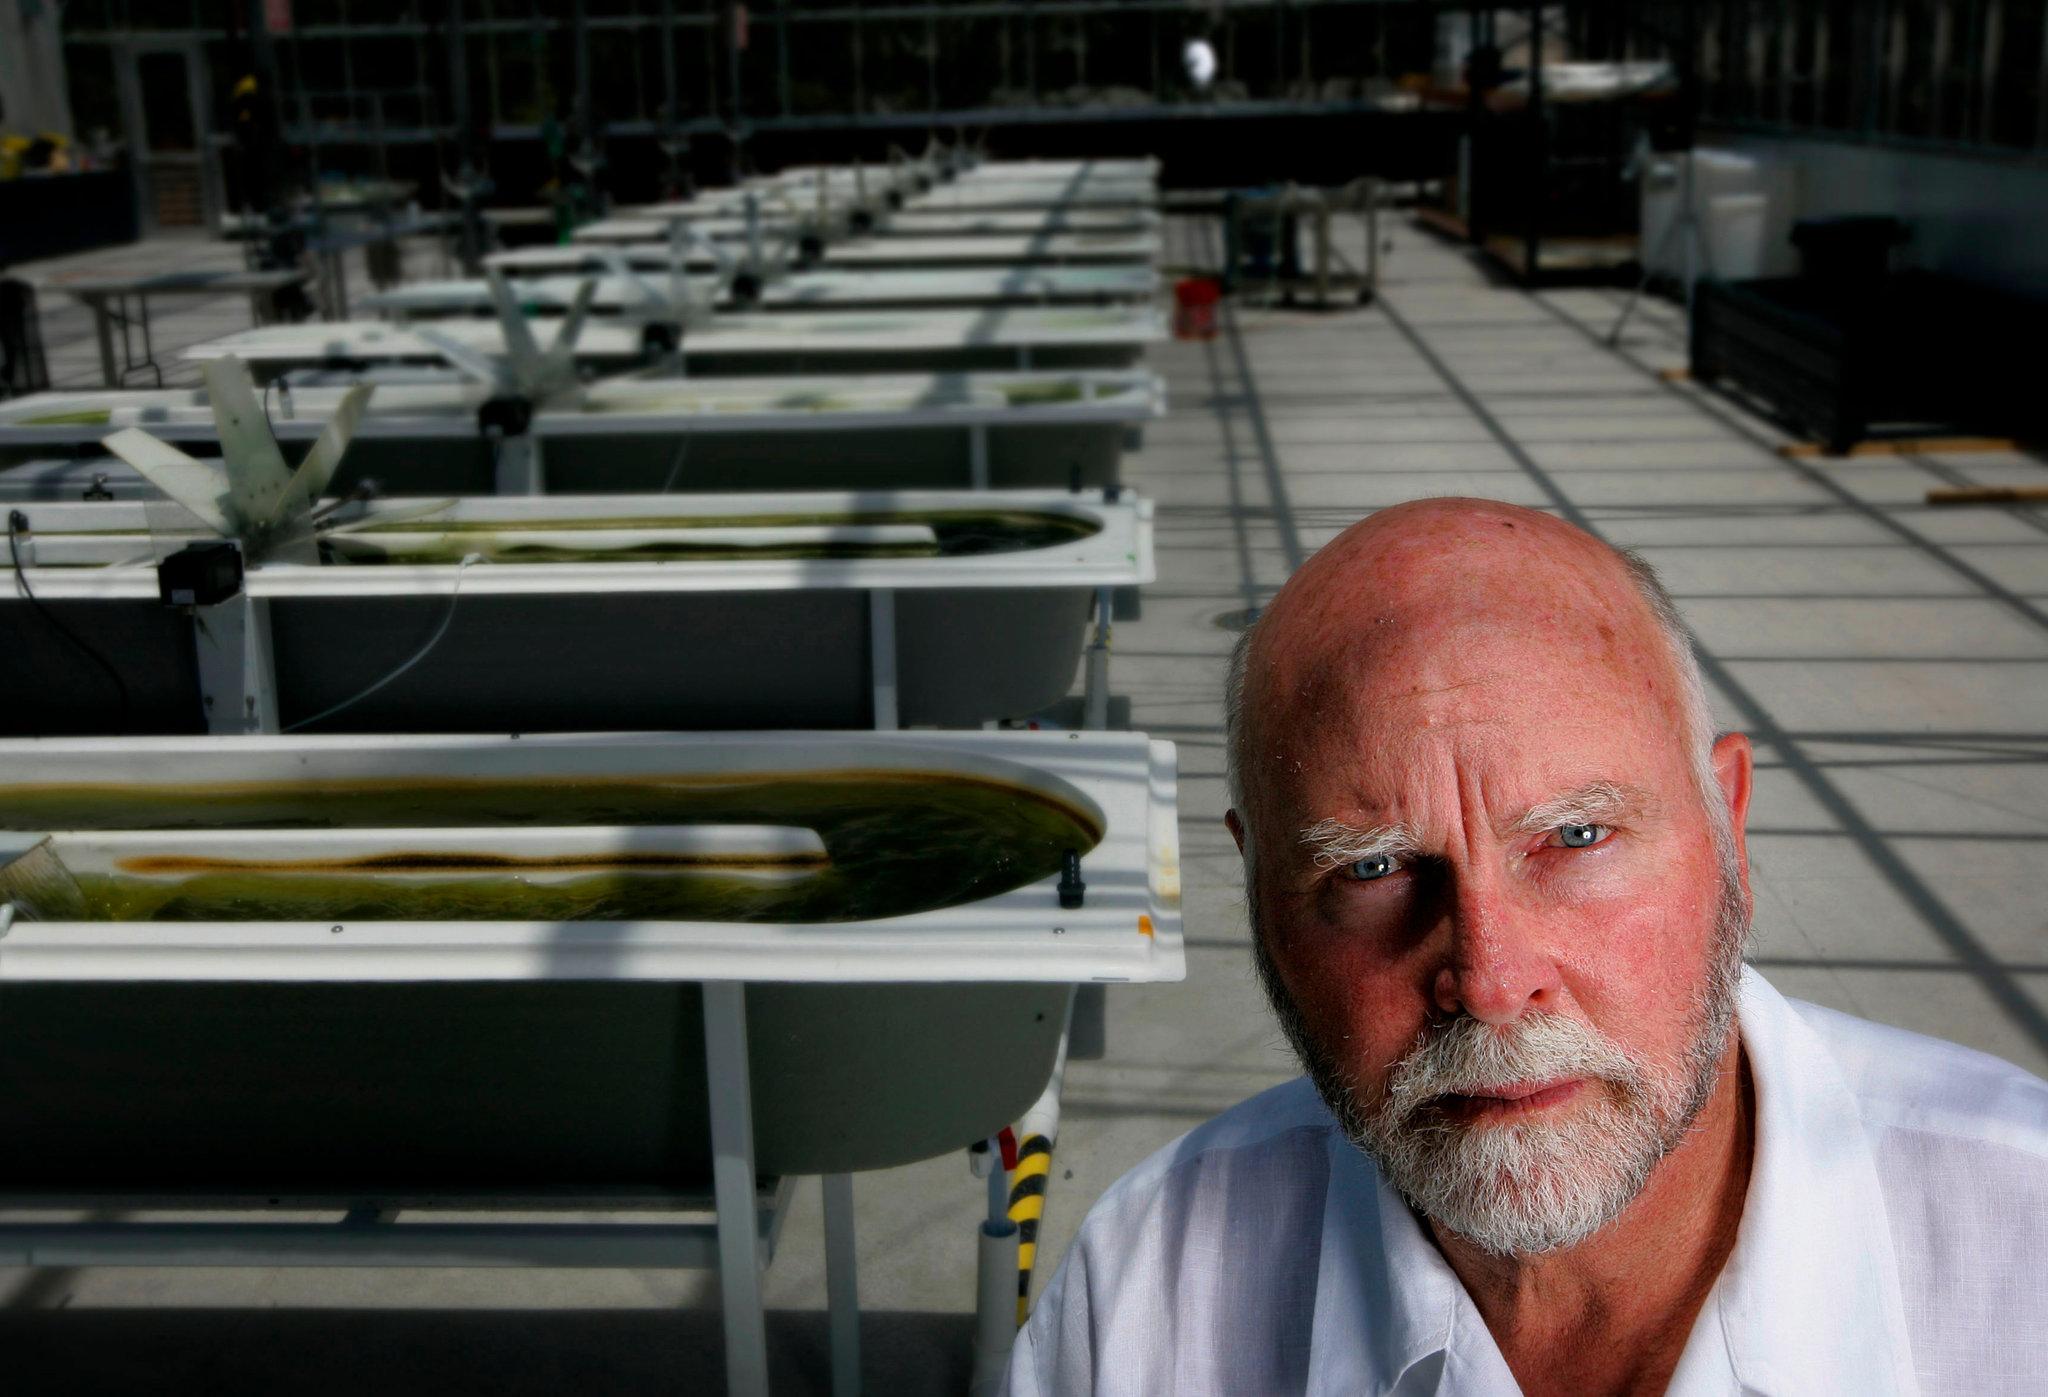 HLI está criando o maior centro de genoma humano no mundo